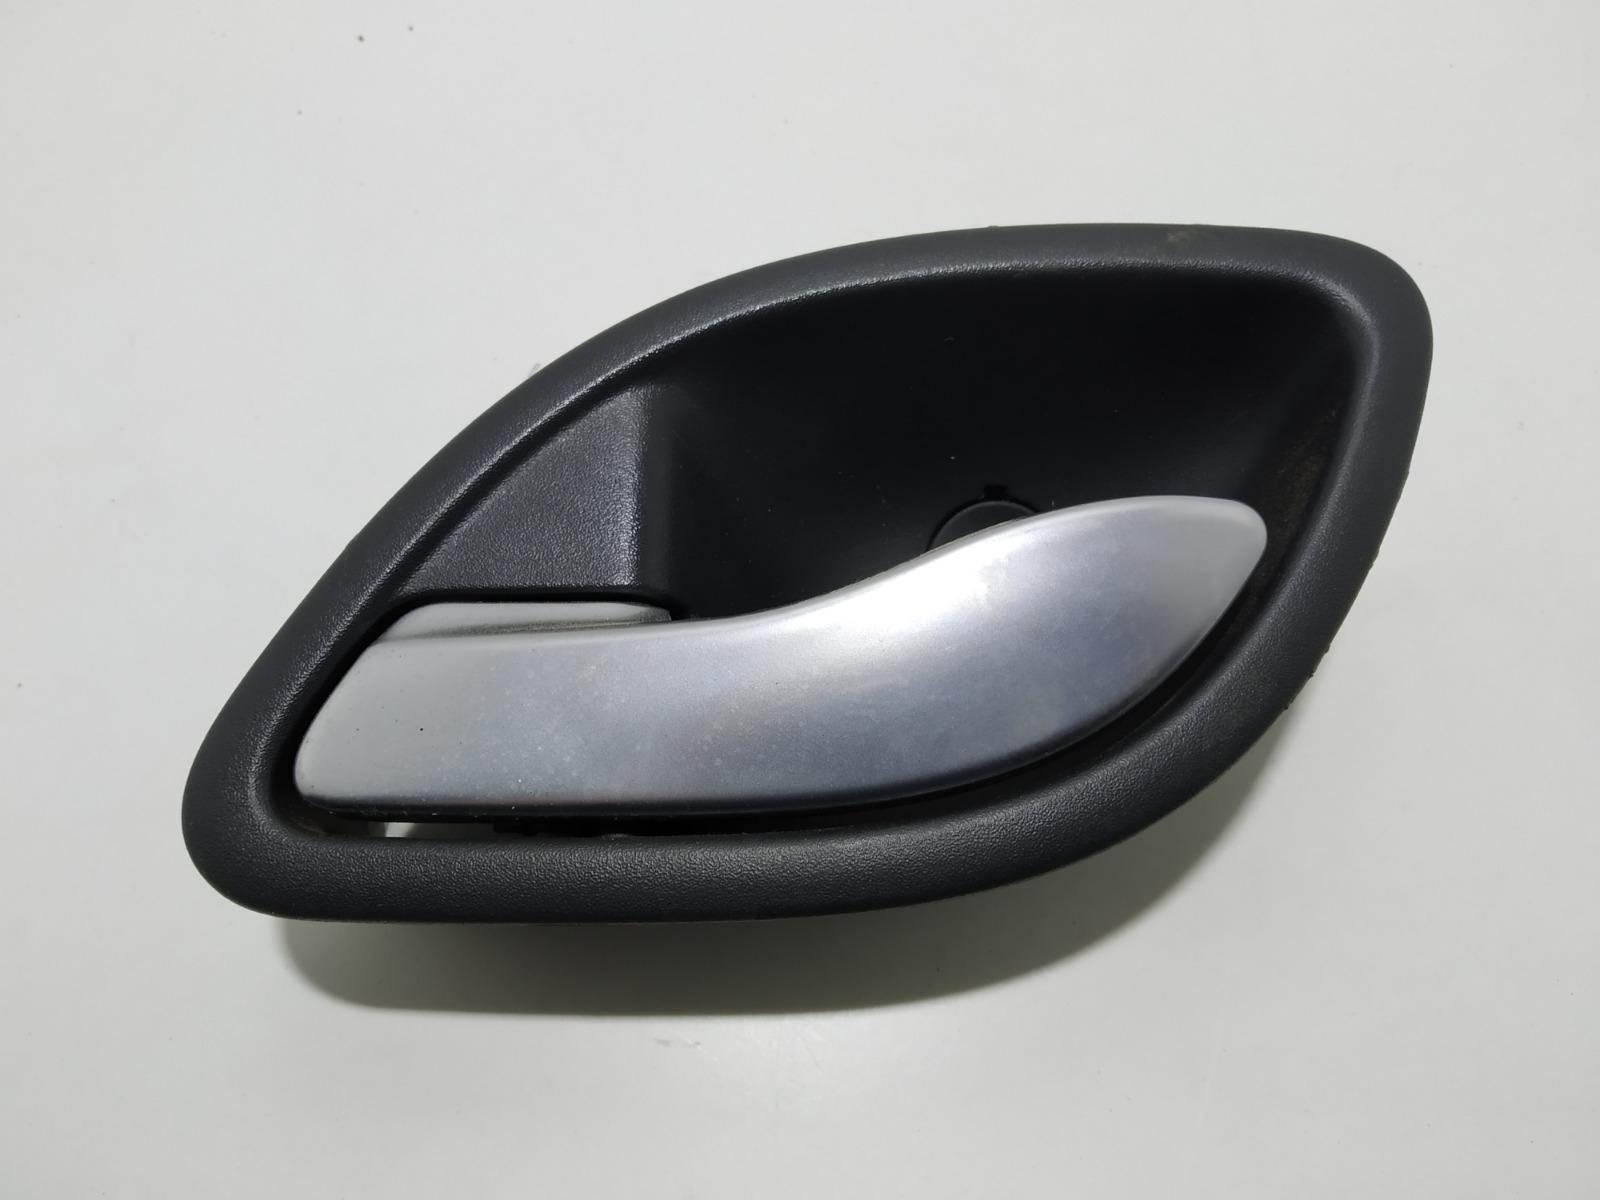 Ручка внутренняя передняя левая Renault Laguna 2.0 I 2007 (б/у)